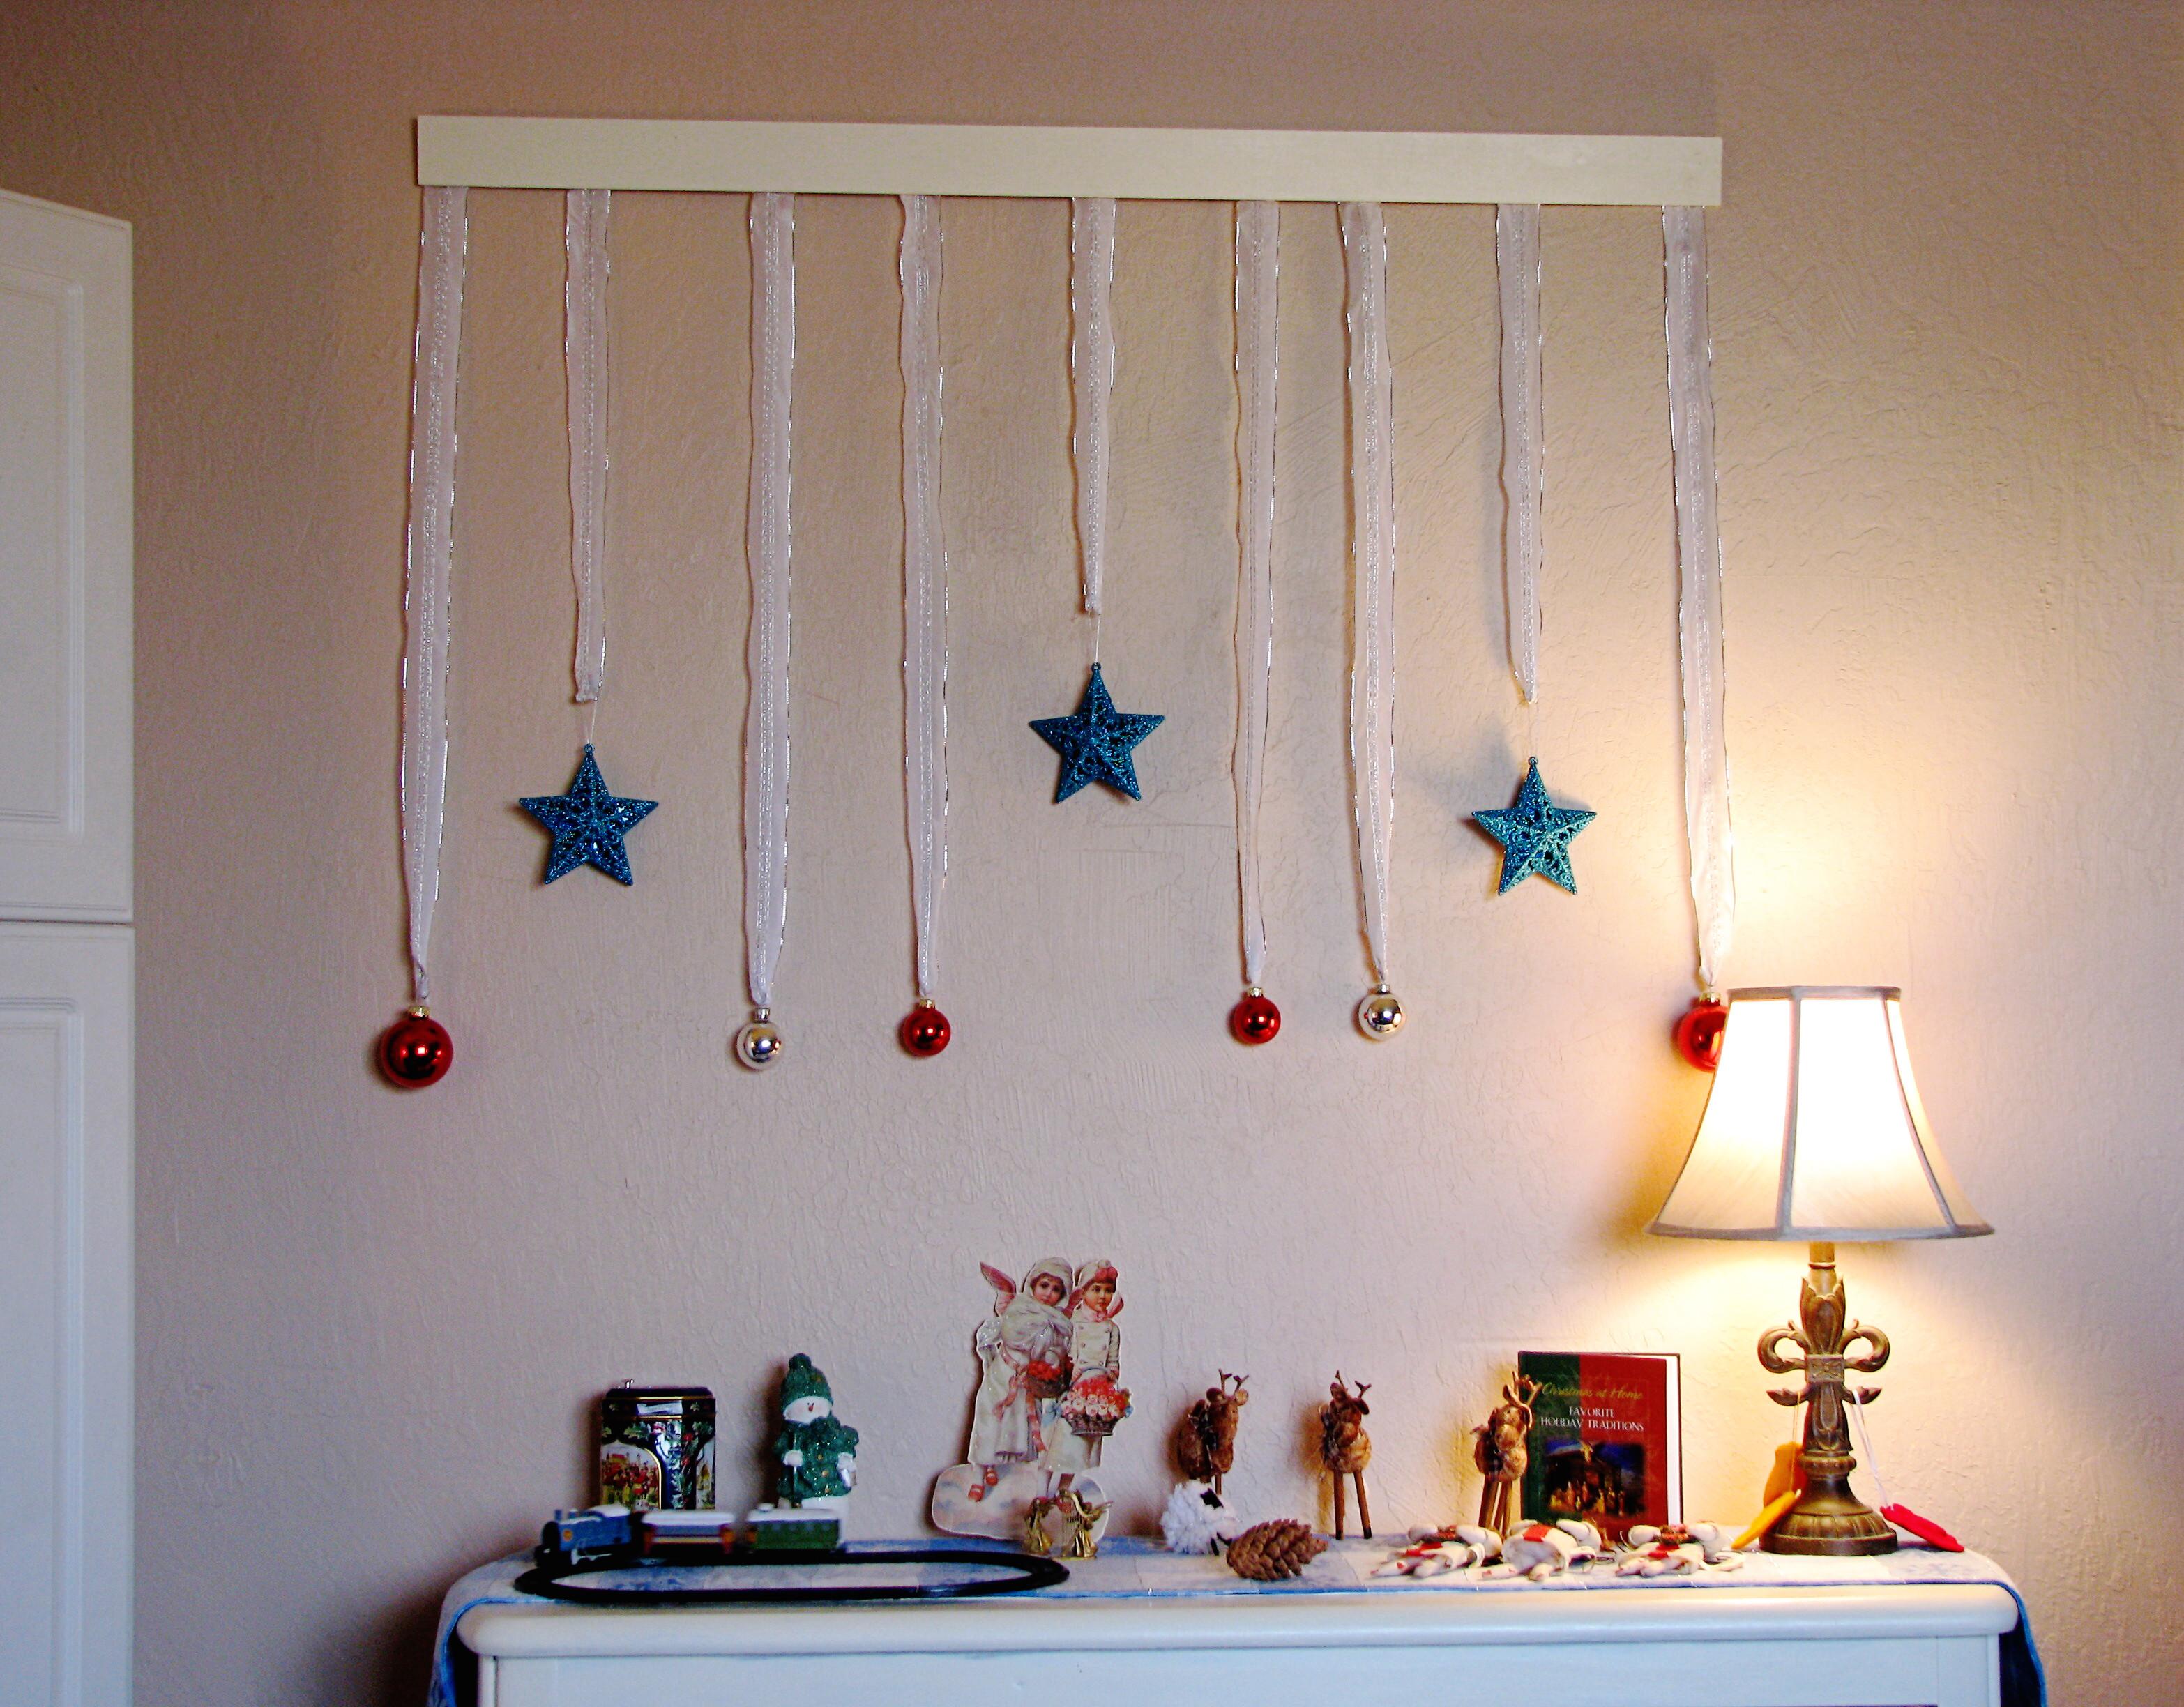 Wall Decor For Christmas  Crafty Wall Decor for Christmas